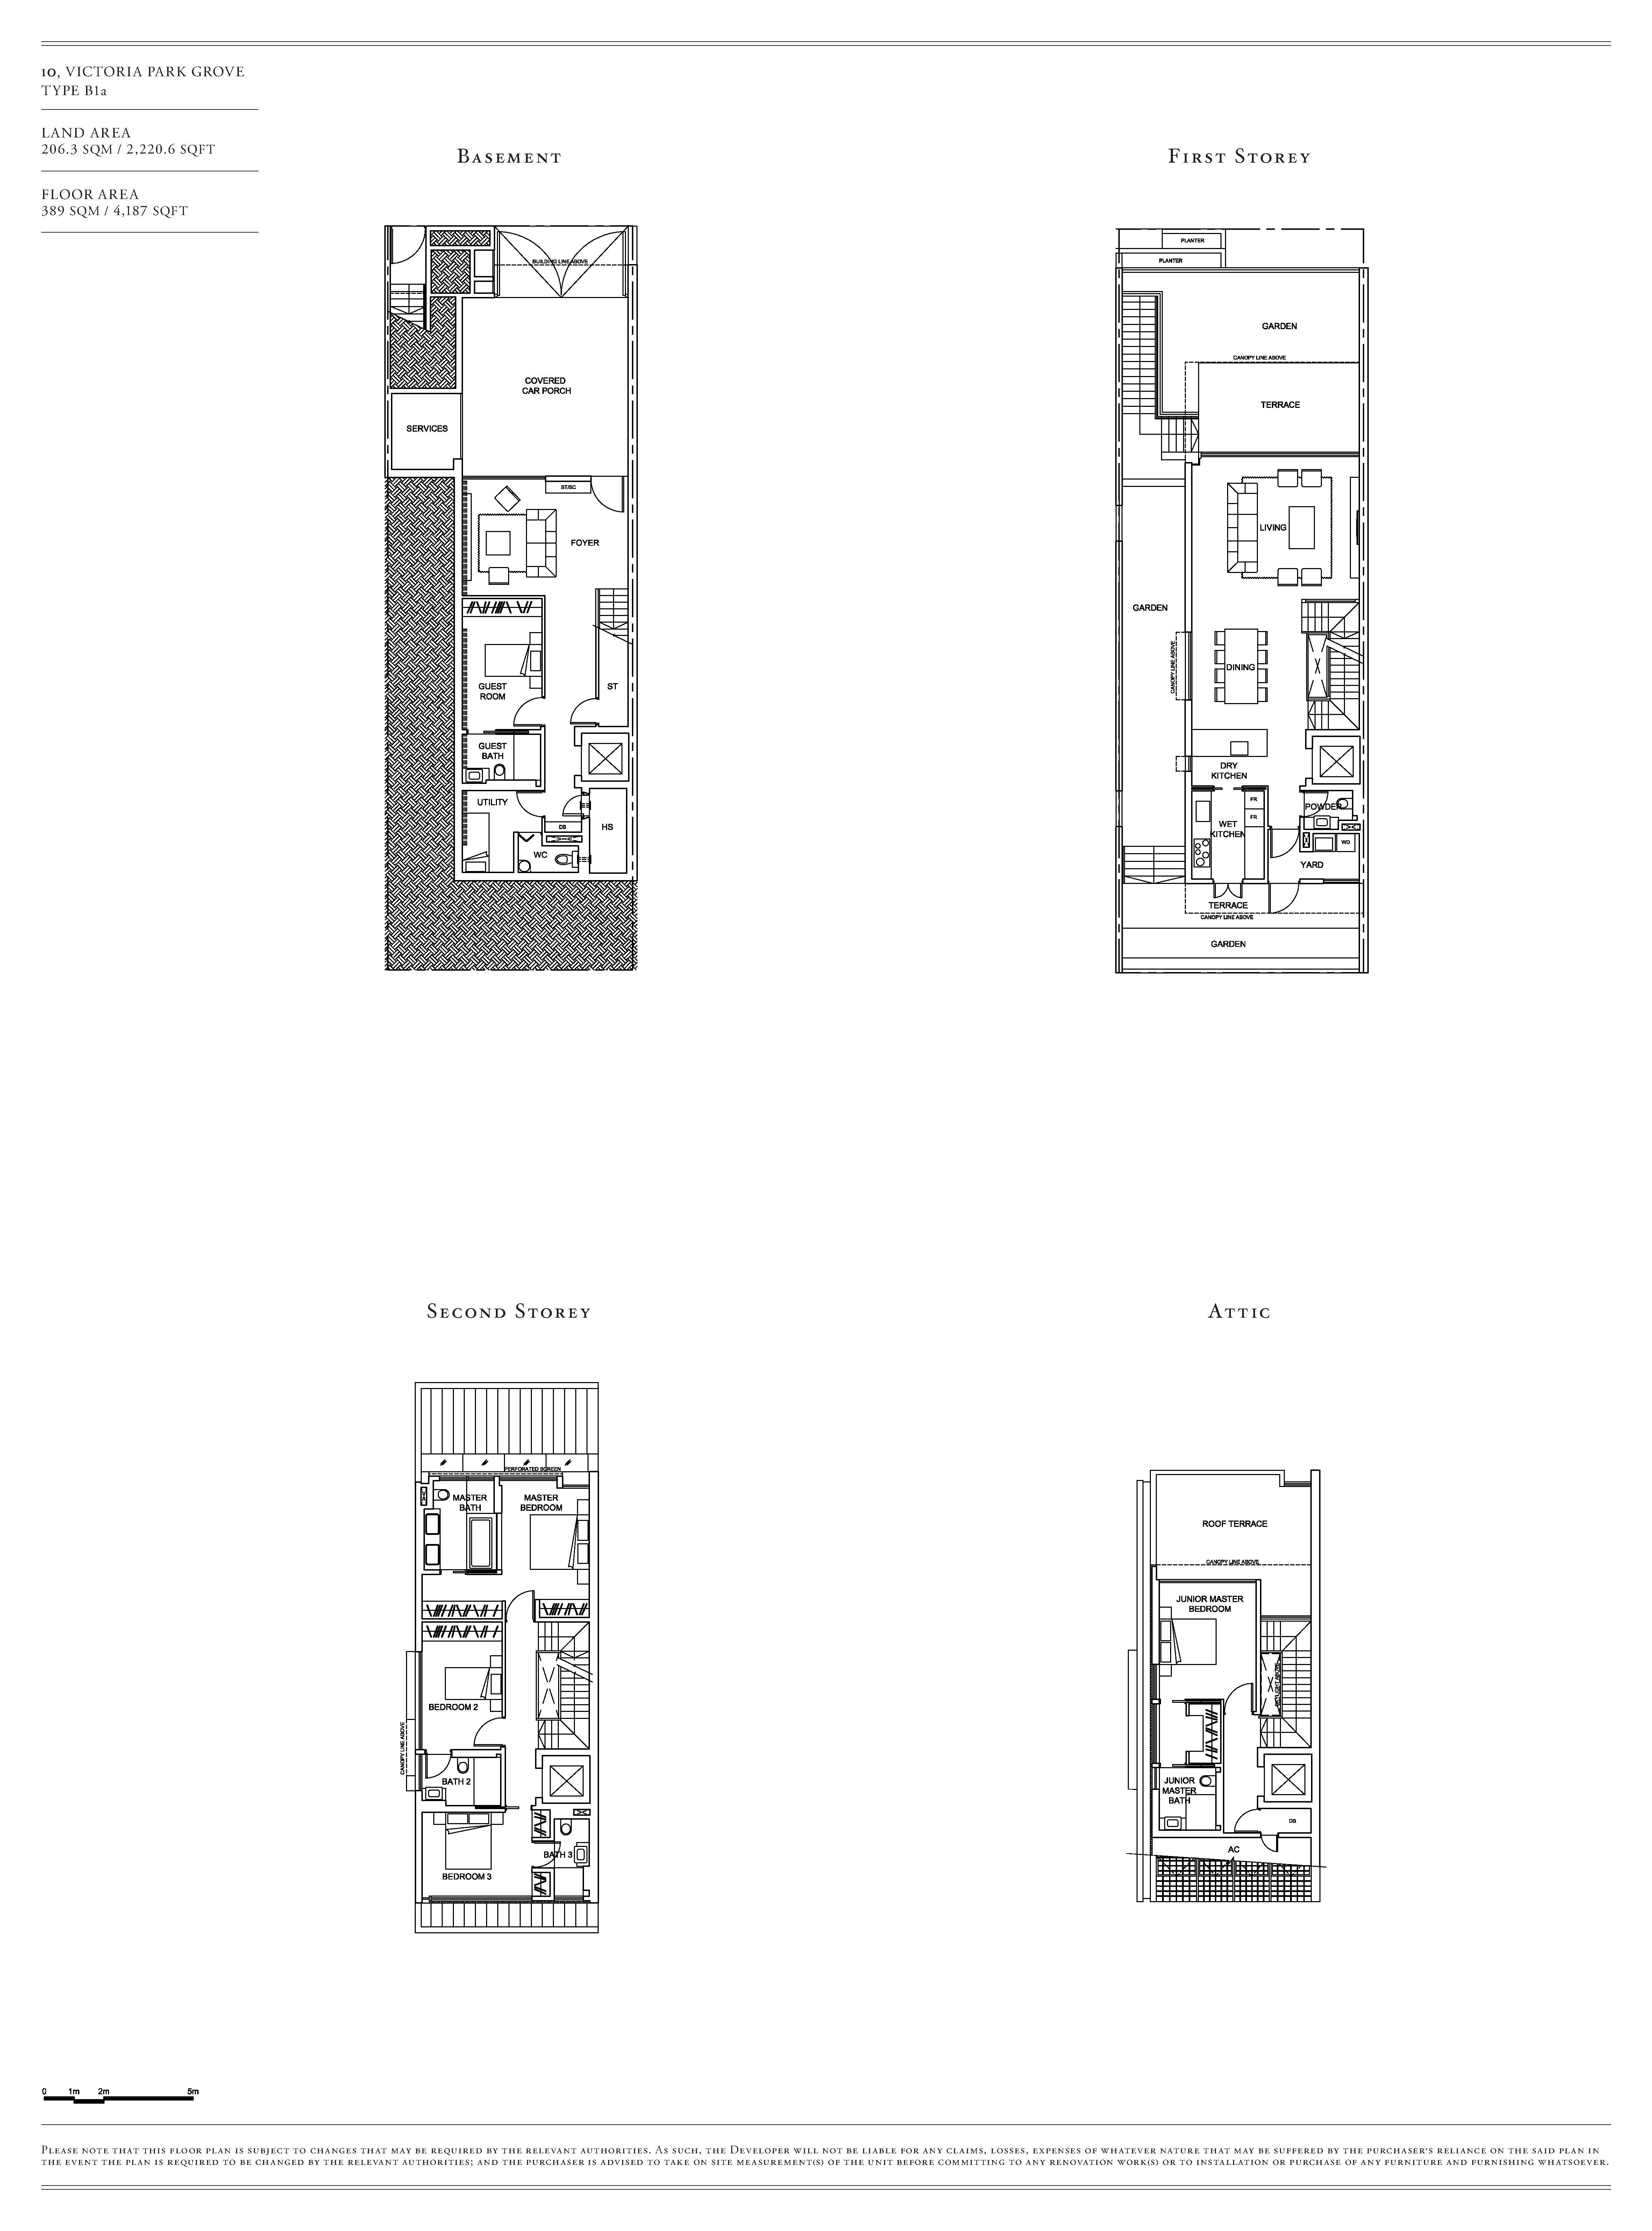 Victoria Park Villas House 10 Type B1a Floor Plans